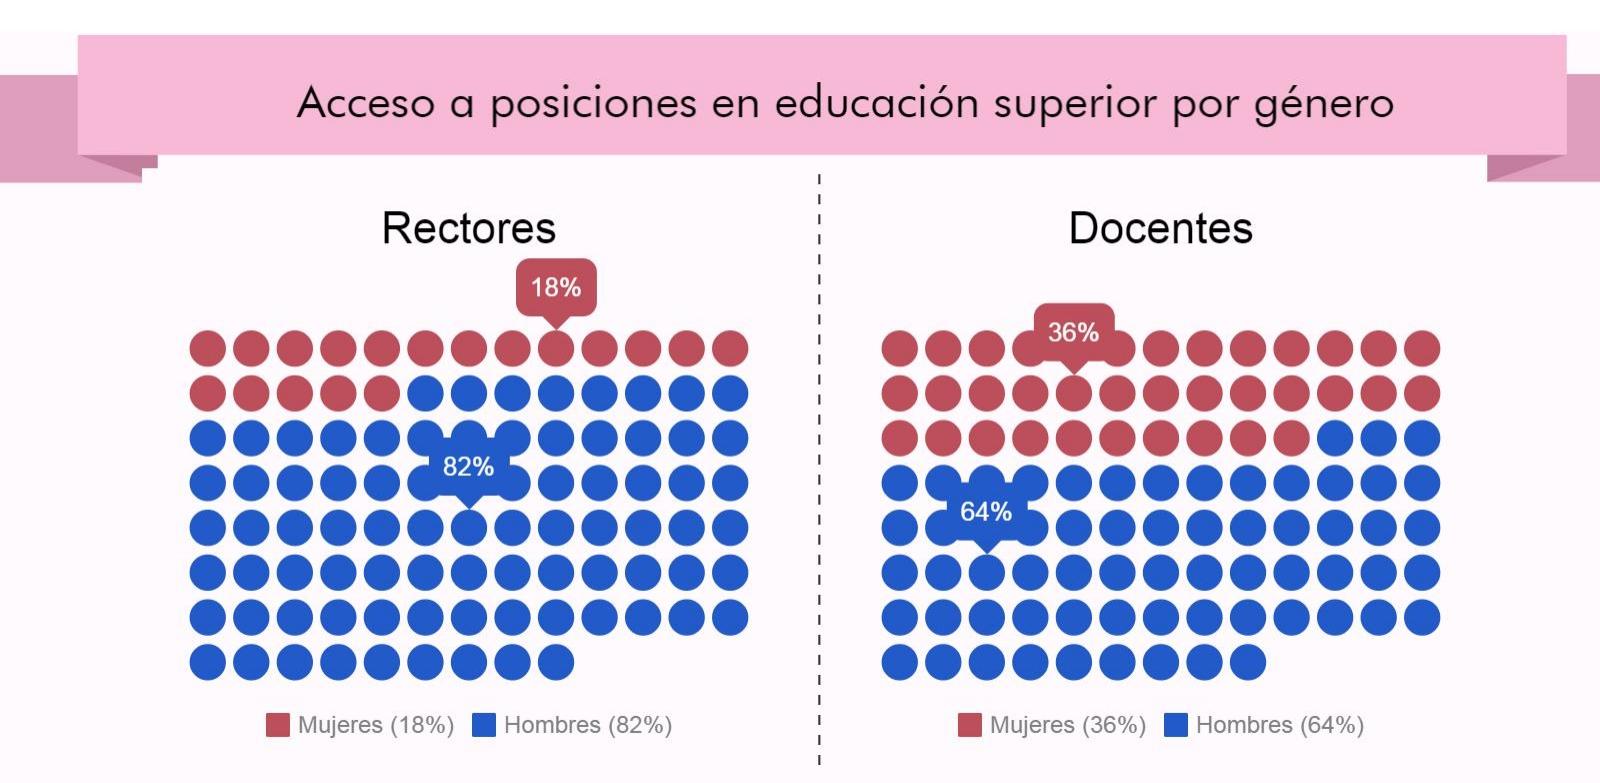 Fuente: Herdoiza (2015) -  Elaboración: Red Ecuatoriana de Mujeres Científicas (2017)